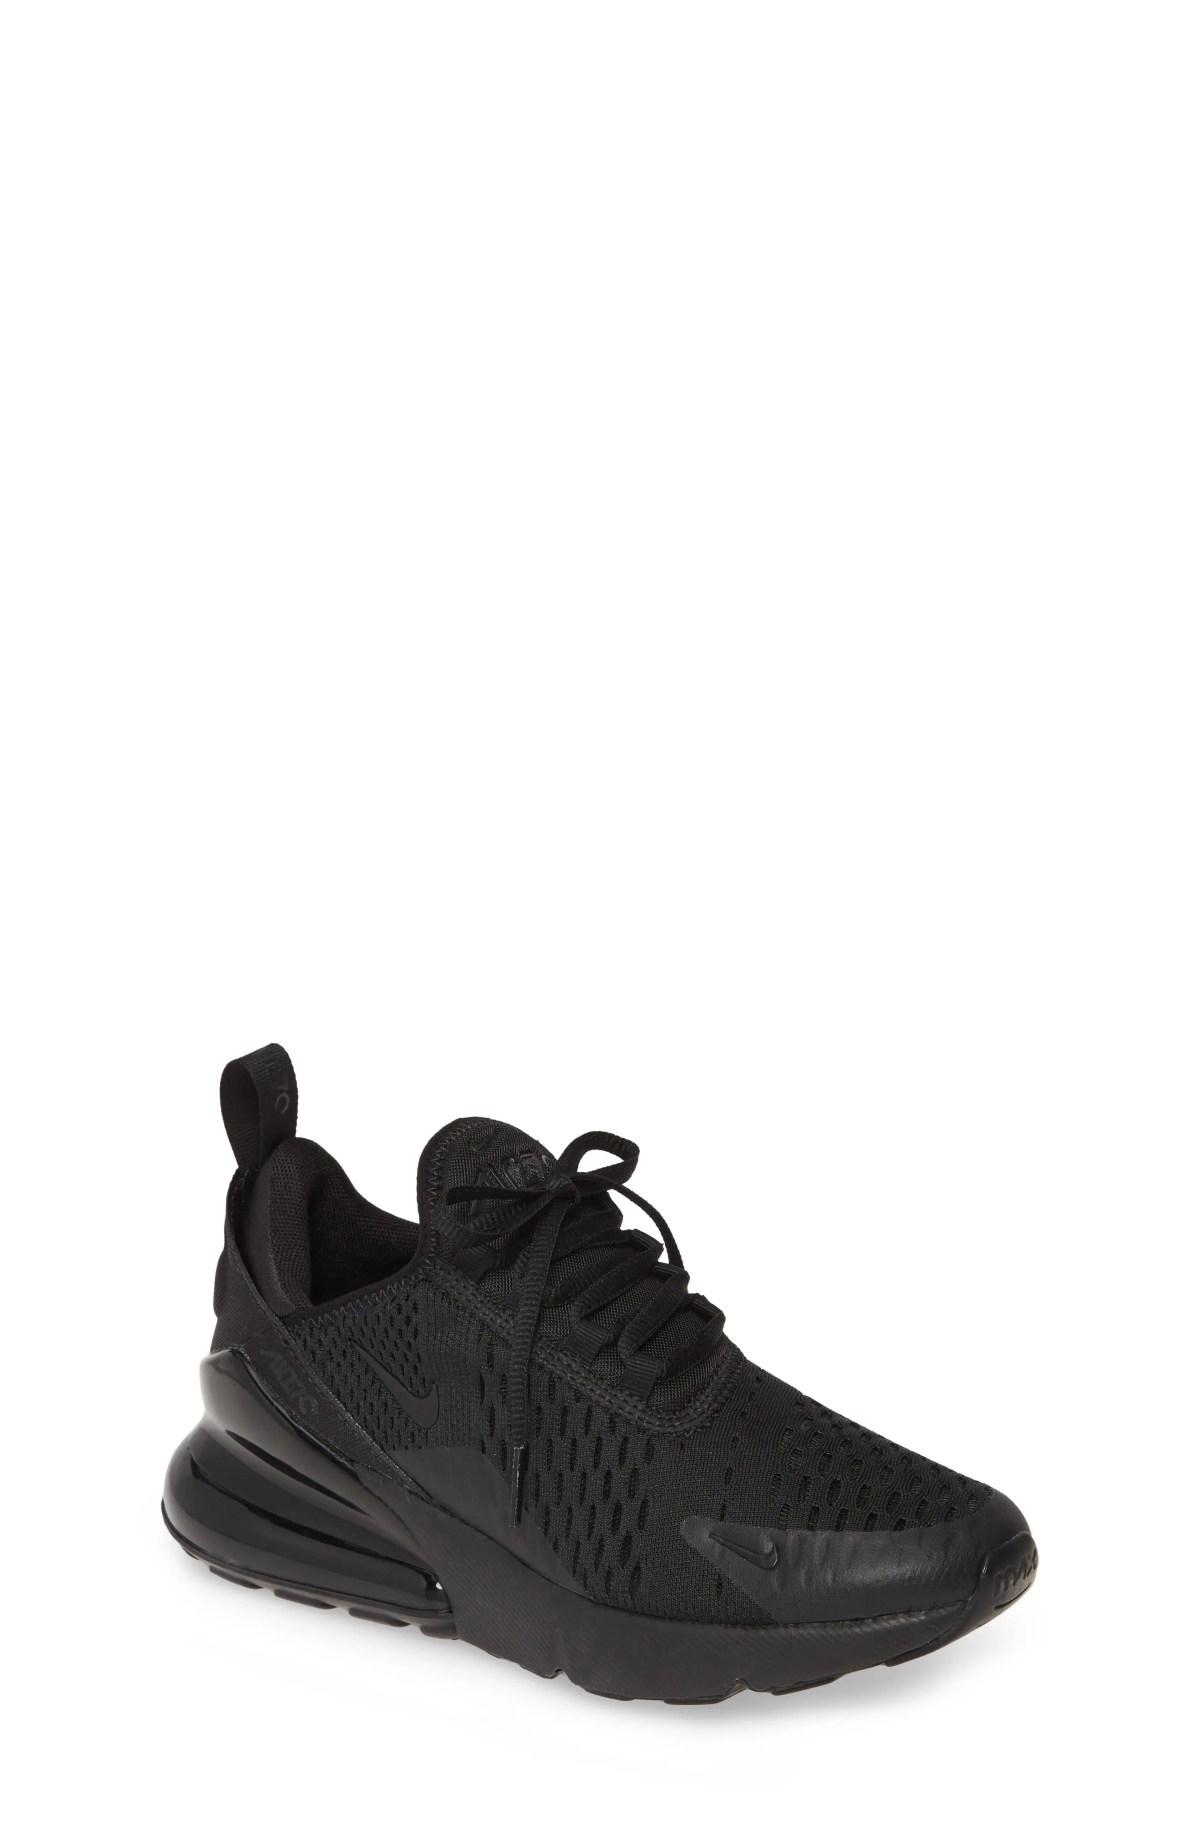 NIKE Air Max 270 BG Sneaker, Main, color, BLACK/ BLACK